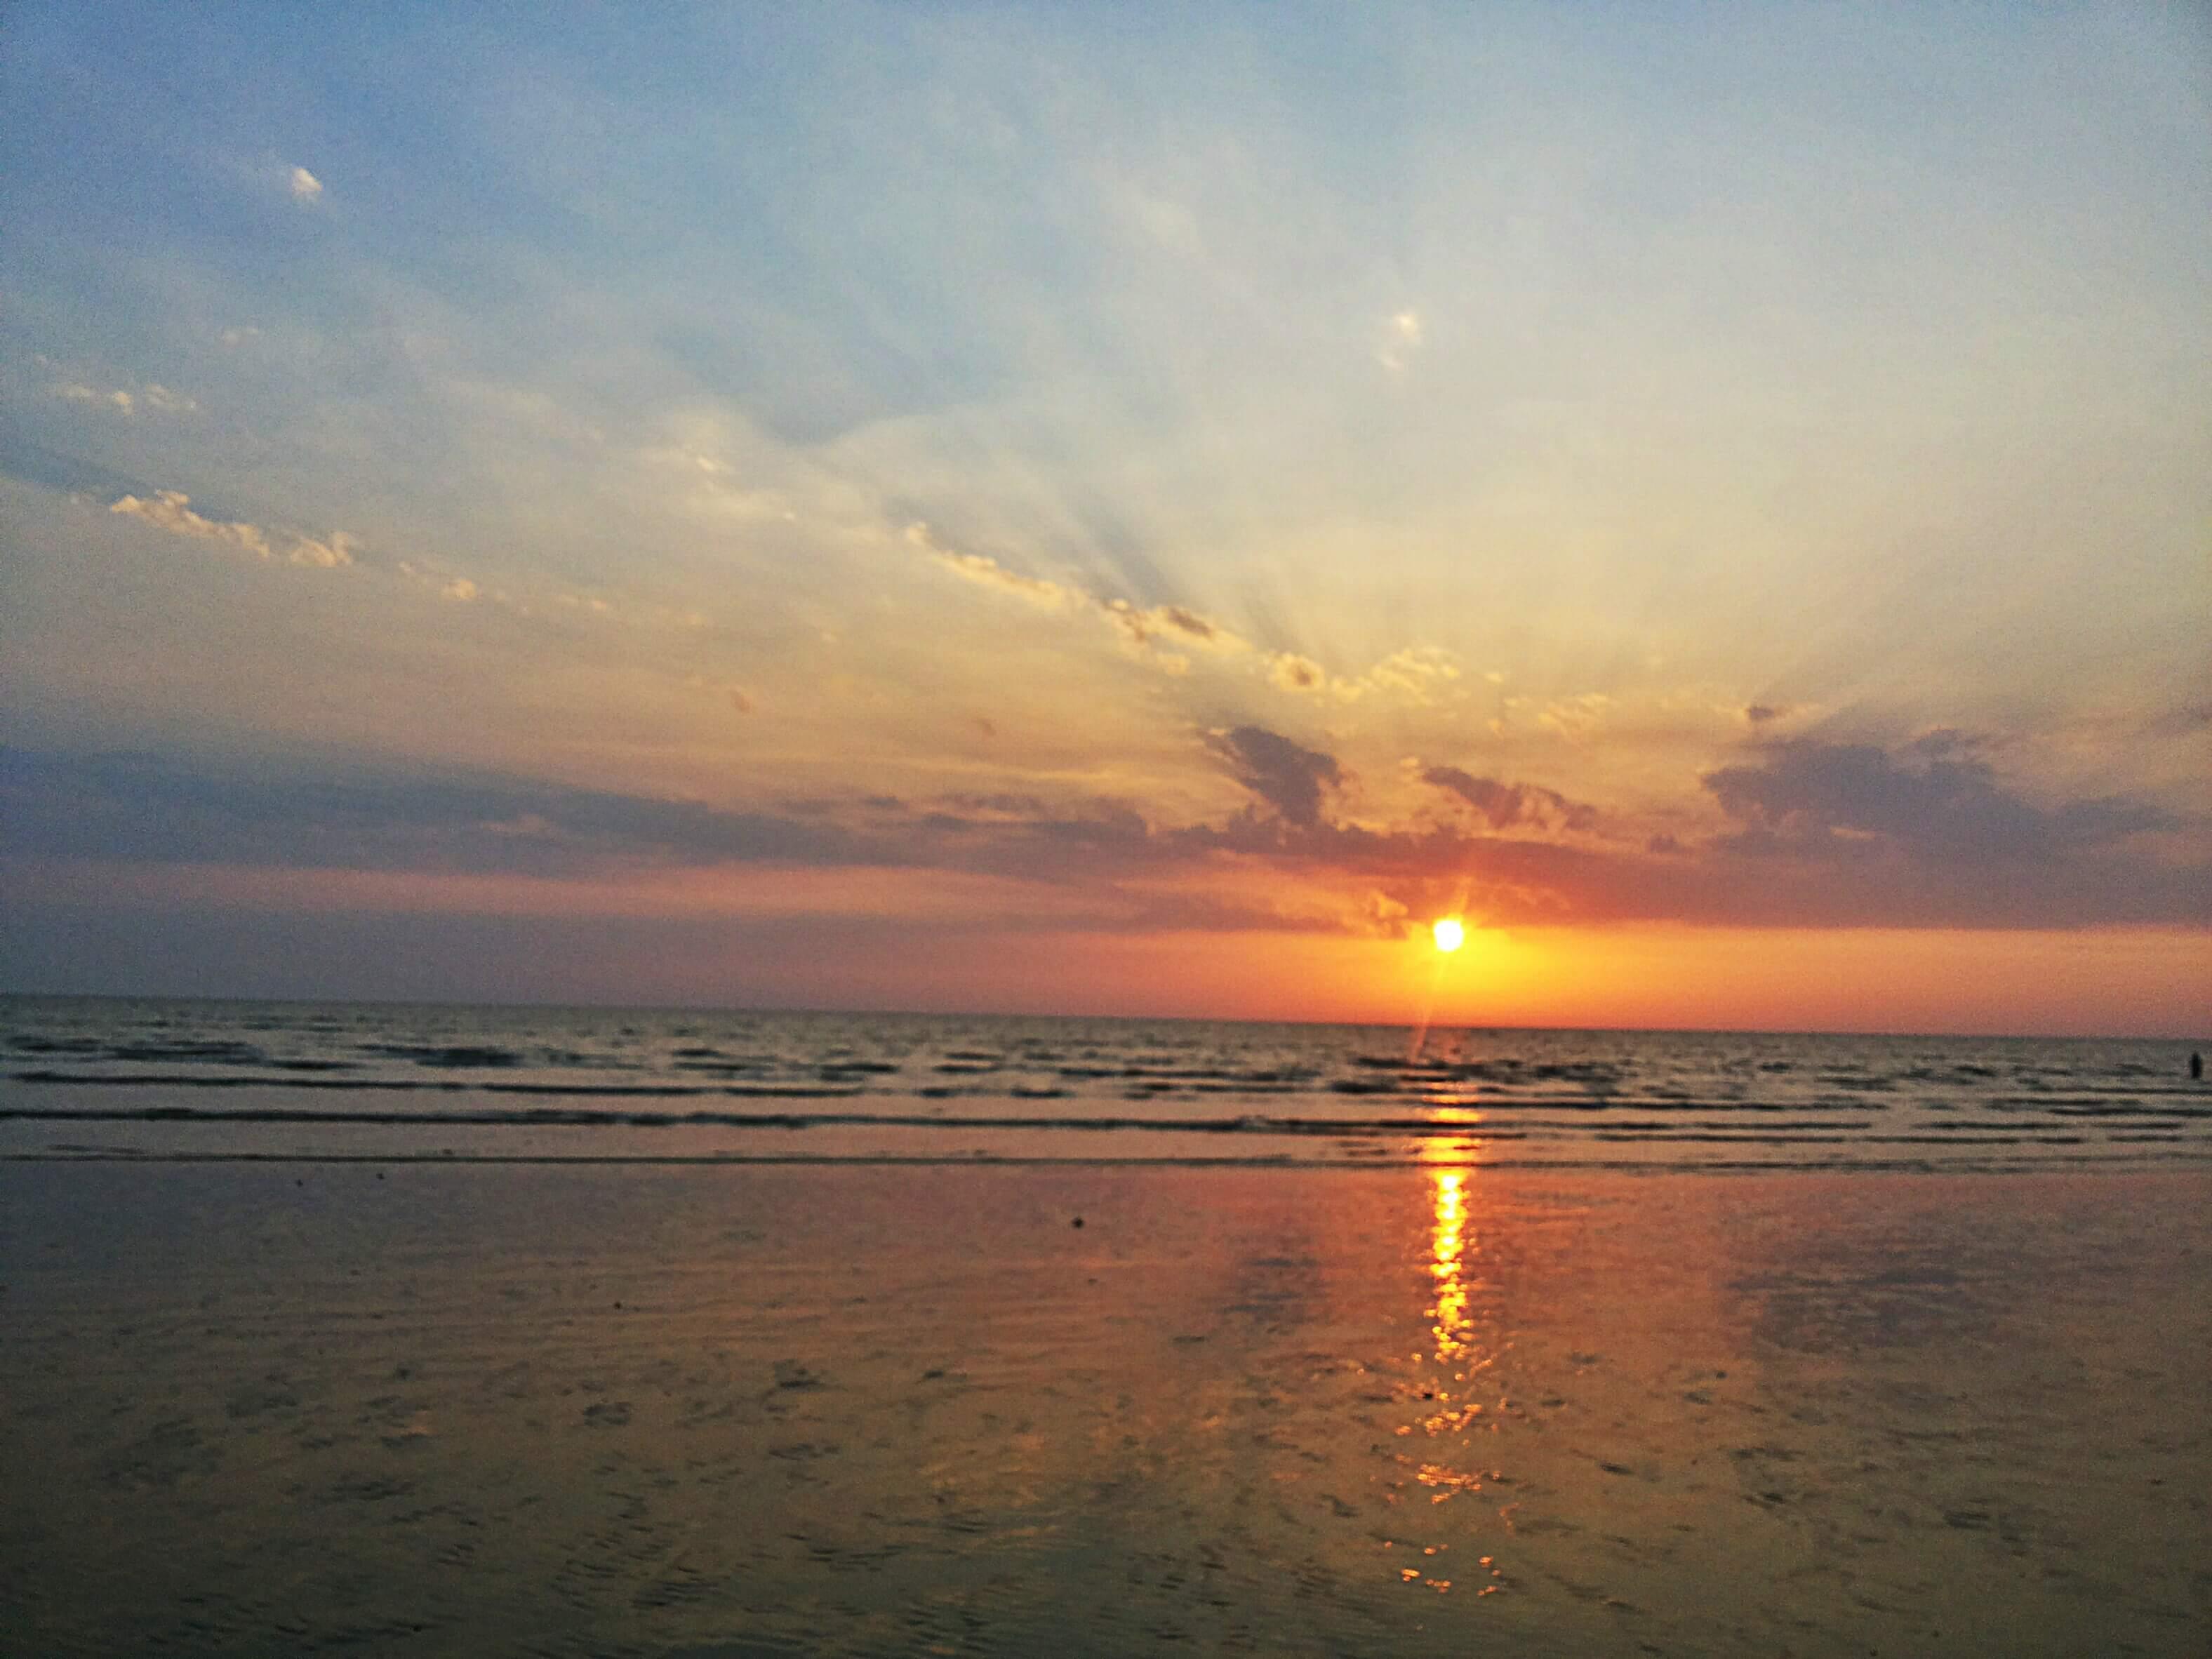 Kelwa_beach_,_Palghar_,_Maharashtra